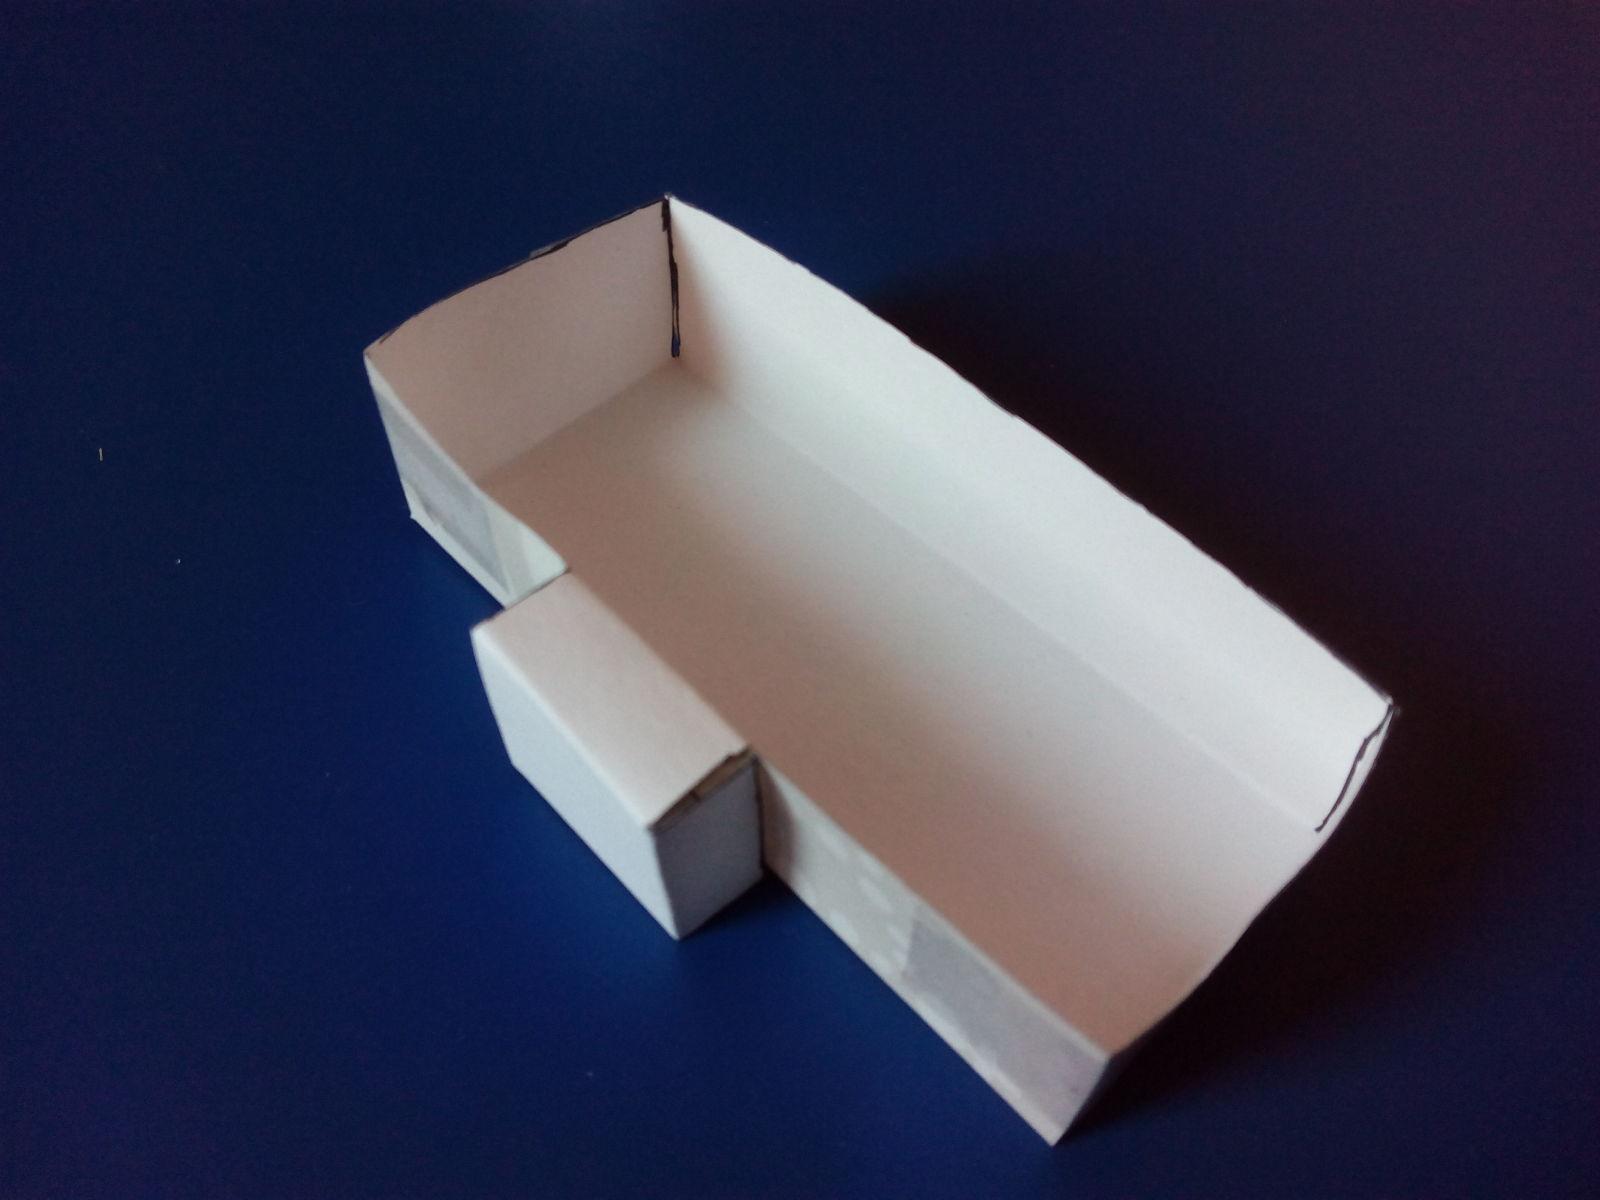 Fabricación de soporte para motor del catamaran Hart VI Pontoon. N4jlh3